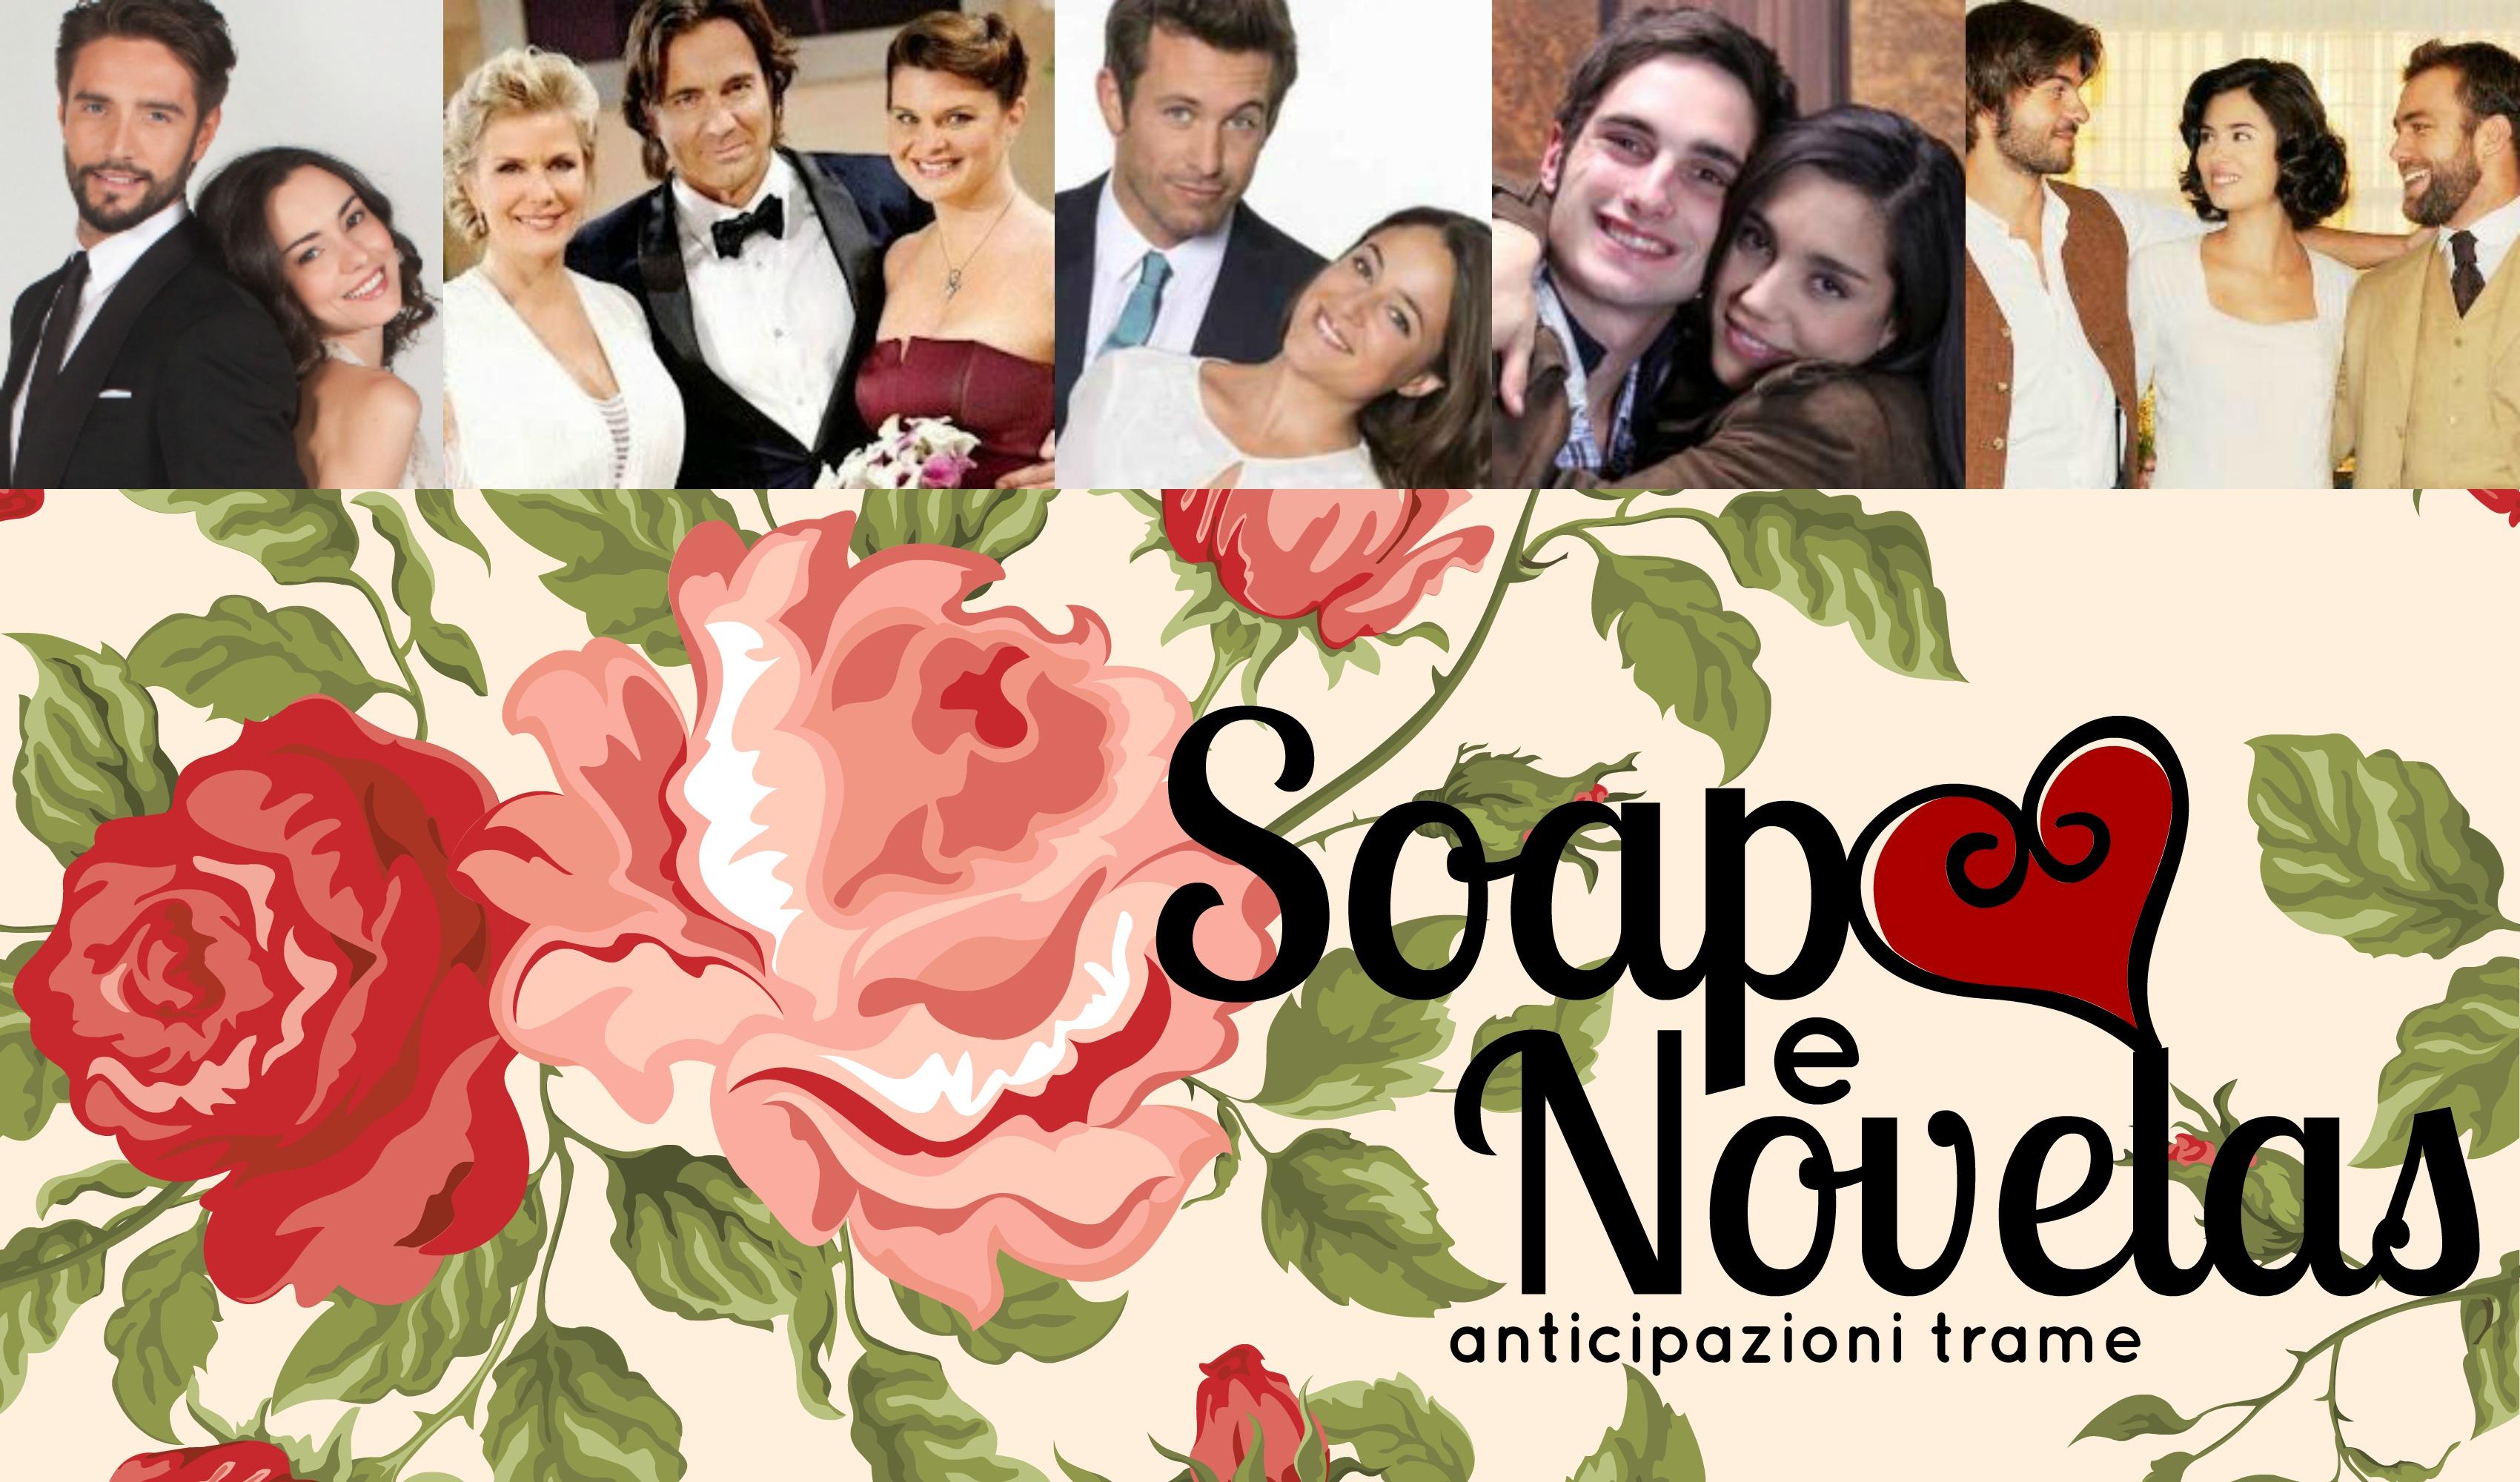 SOAP&NOVELAS | ANTICIPAZIONI TRAME 1-7 MARZO 2015: BEAUTIFUL, IL SEGRETO, TEMPESTA D'AMORE, CENTOVETRINE, UN POSTO AL SOLE PicMonkey Collage